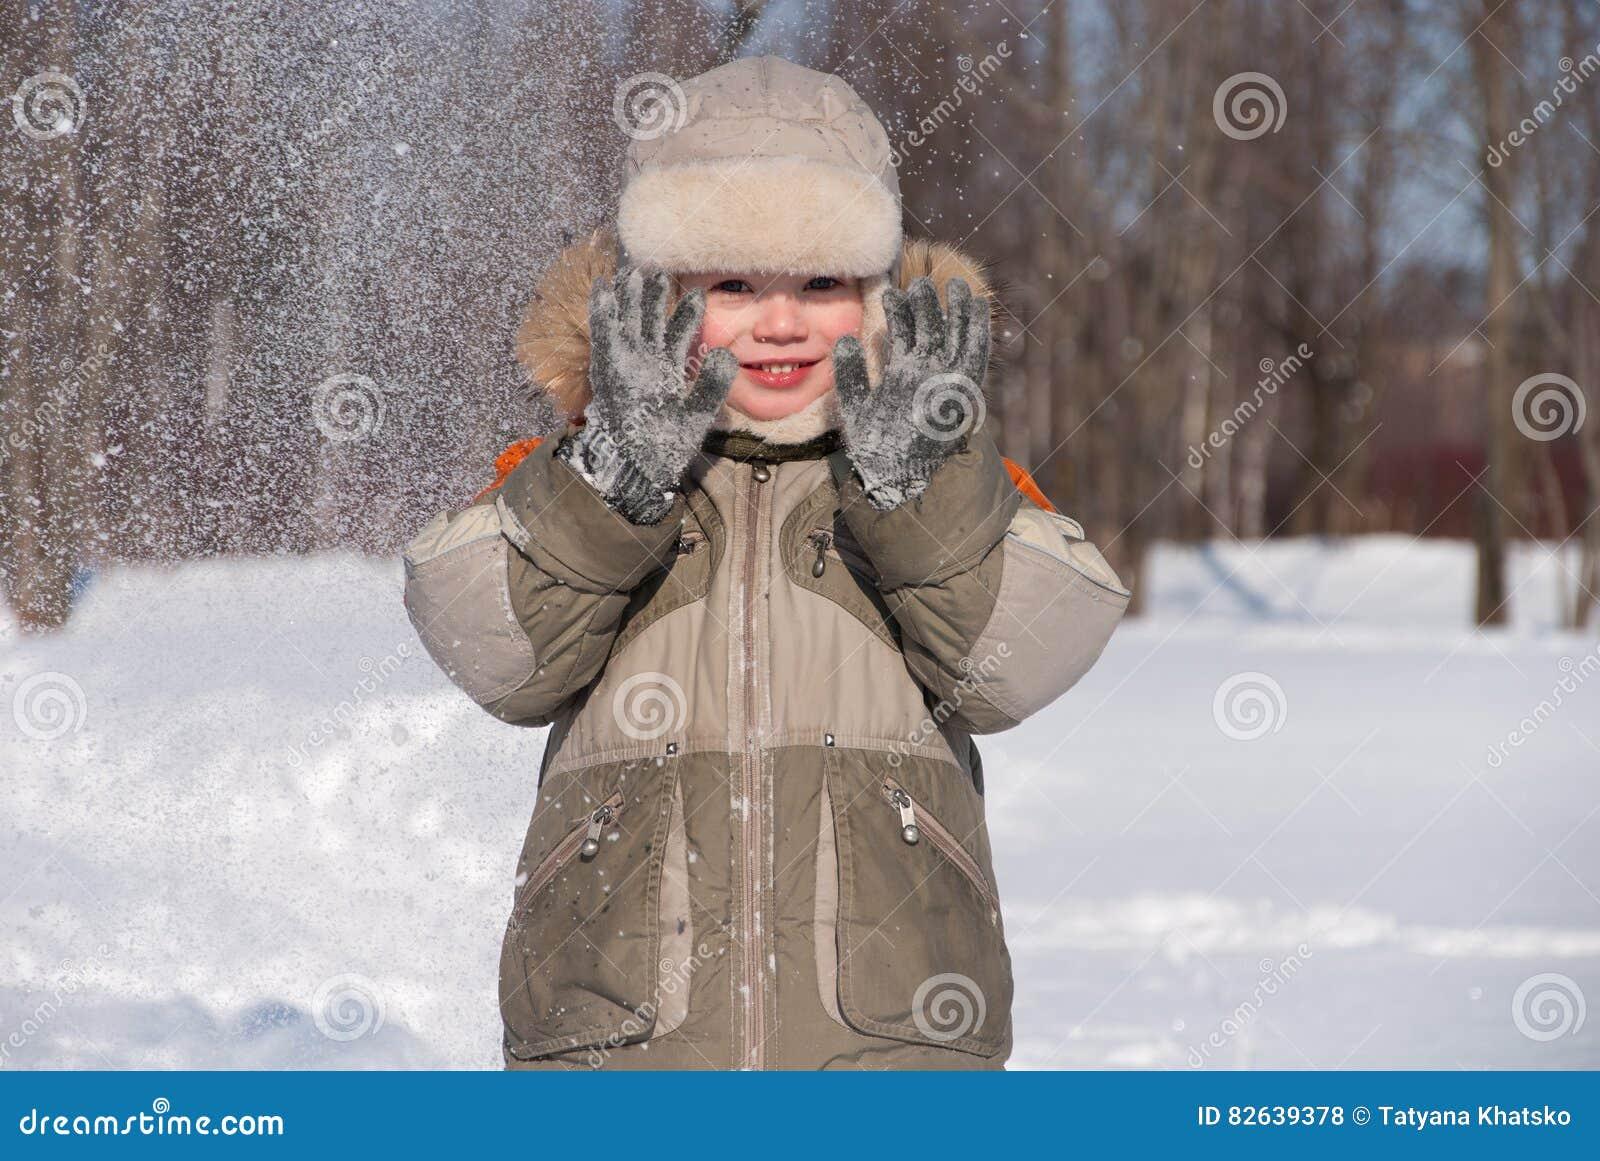 Niño pequeño que se divierte en la nieve